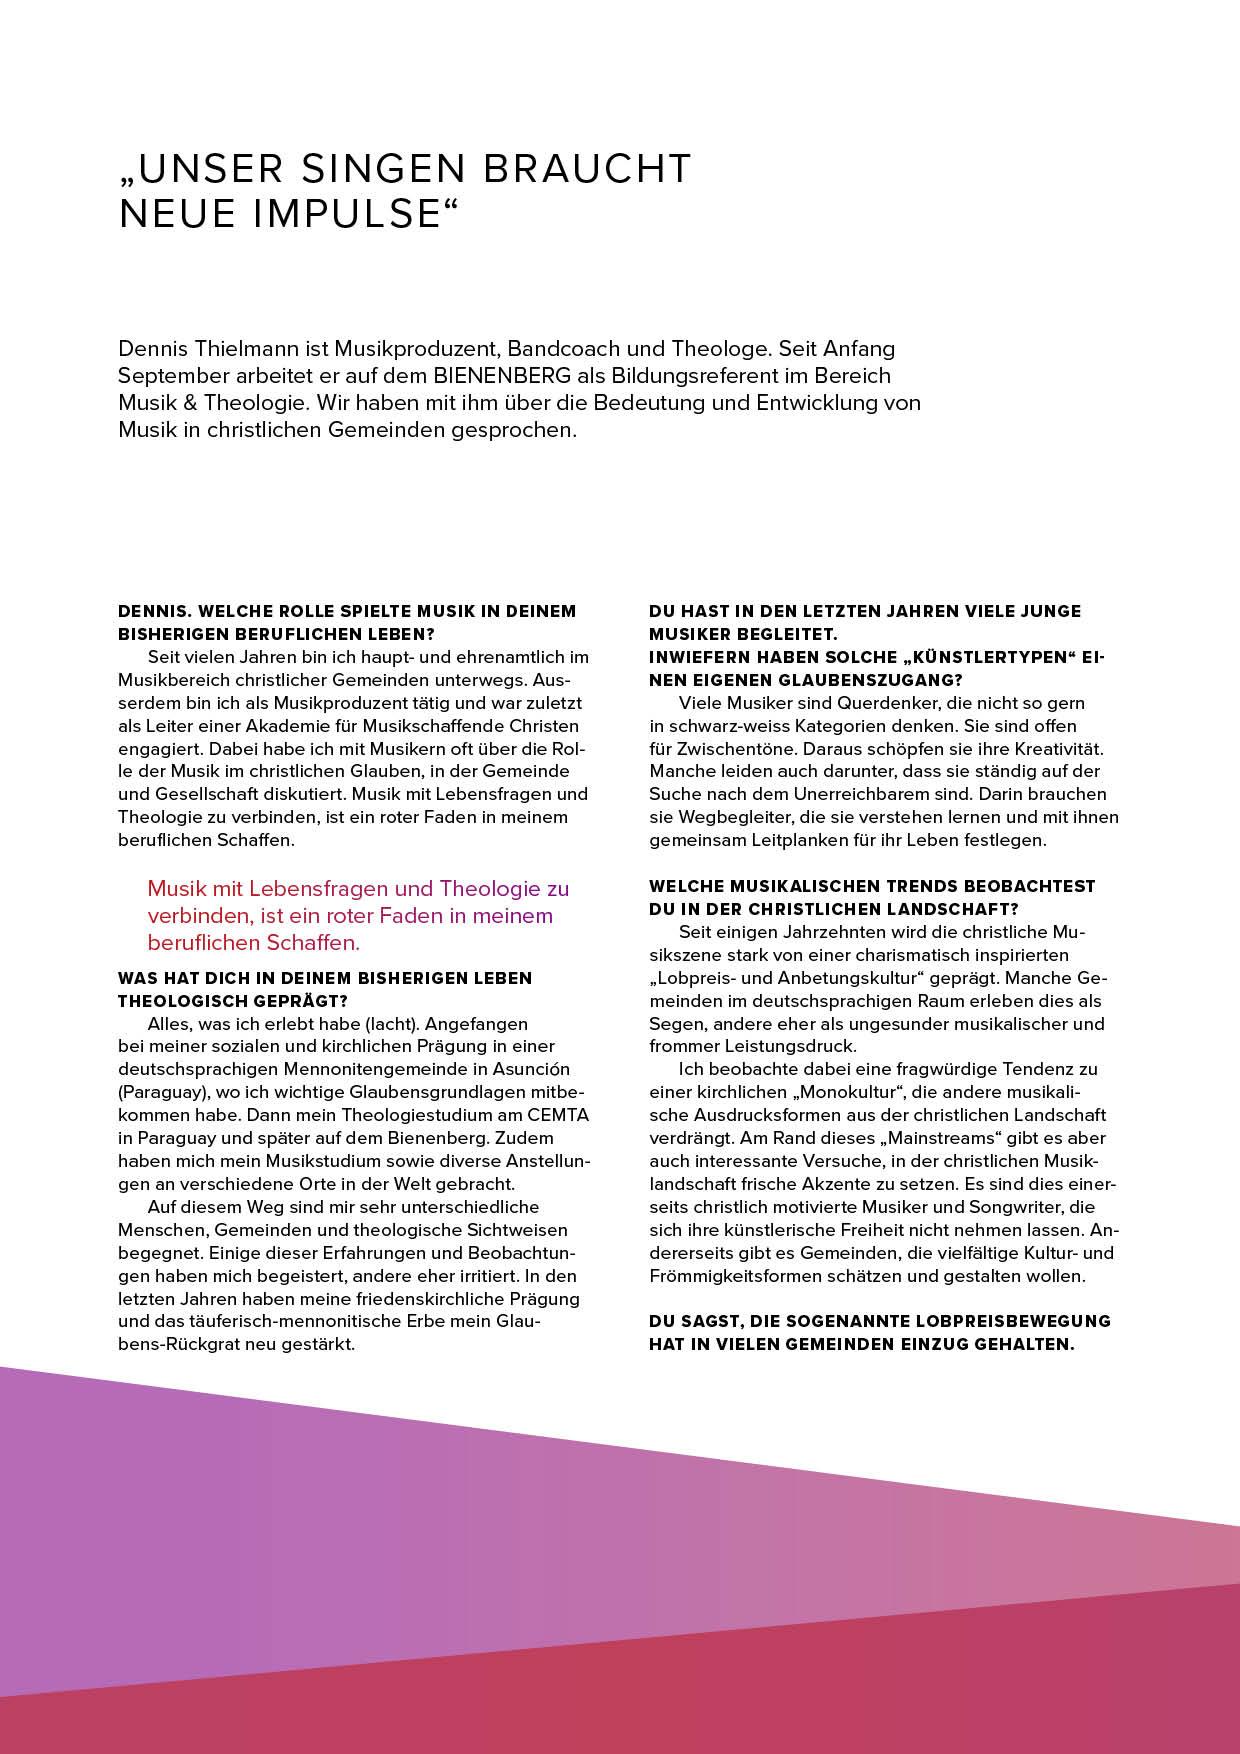 PDF-Download:  Unser Singen braucht neue Impulse , Interview mit Dennis Thielmann, erschienen im Bienenberg Magazin November 2017, Lesezeit: 5 Minuten